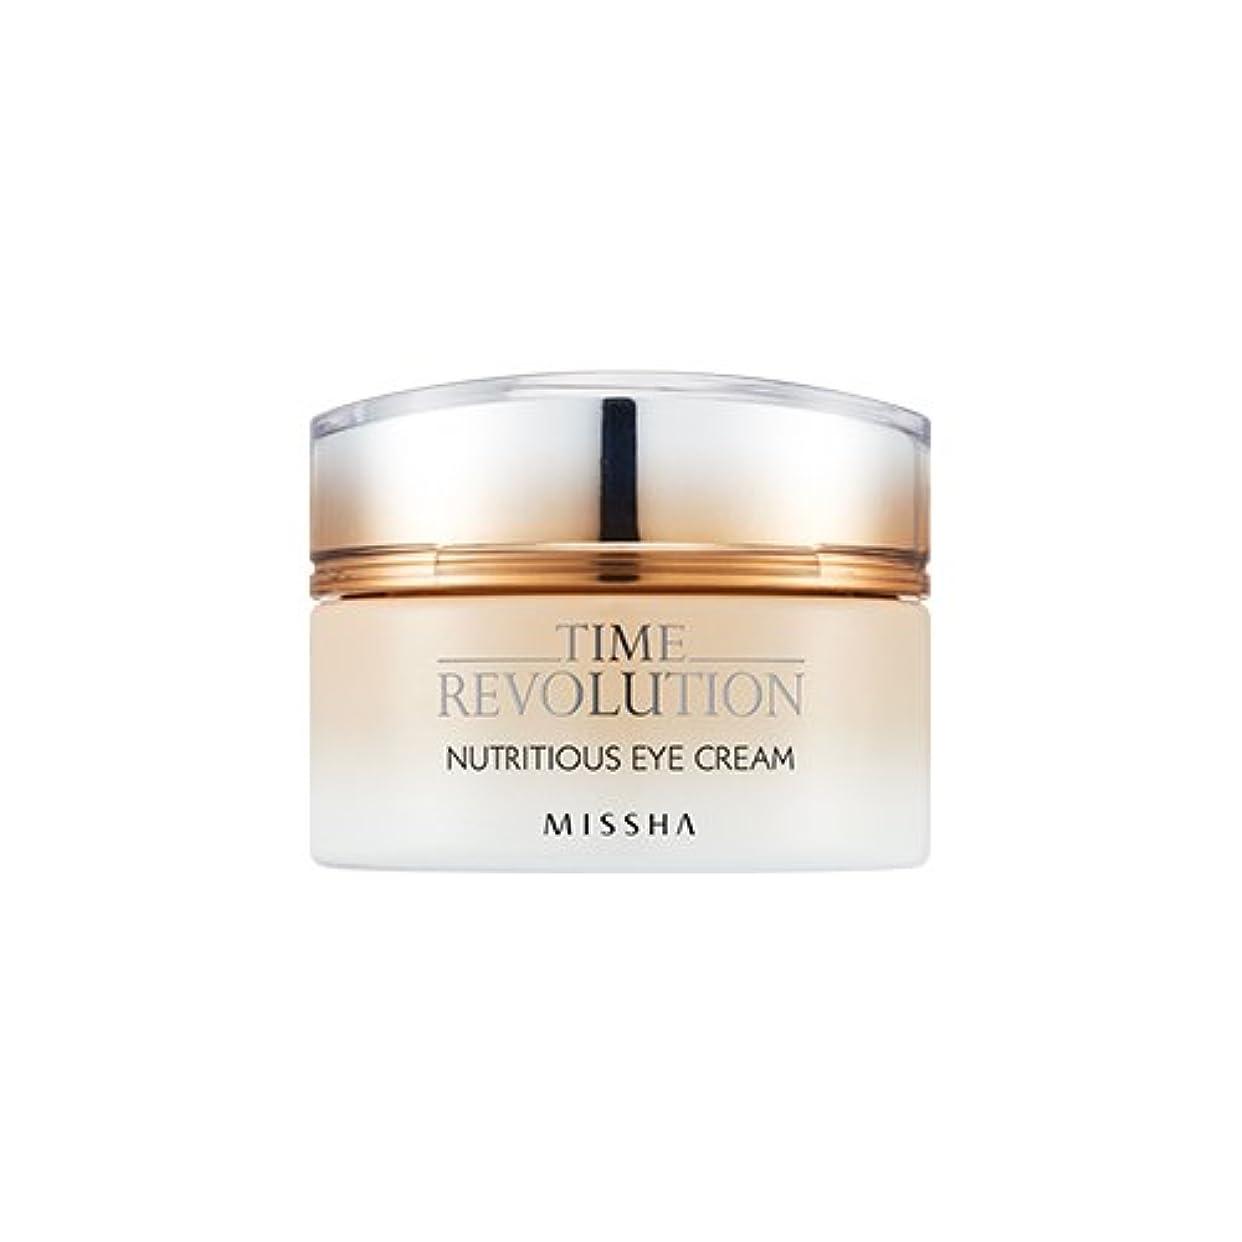 トロリー包帯等価[New] MISSHA Time Revolution Nutritious Eye Cream 25ml/ミシャ タイム レボリューション ニュートリシャス アイクリーム 25ml [並行輸入品]